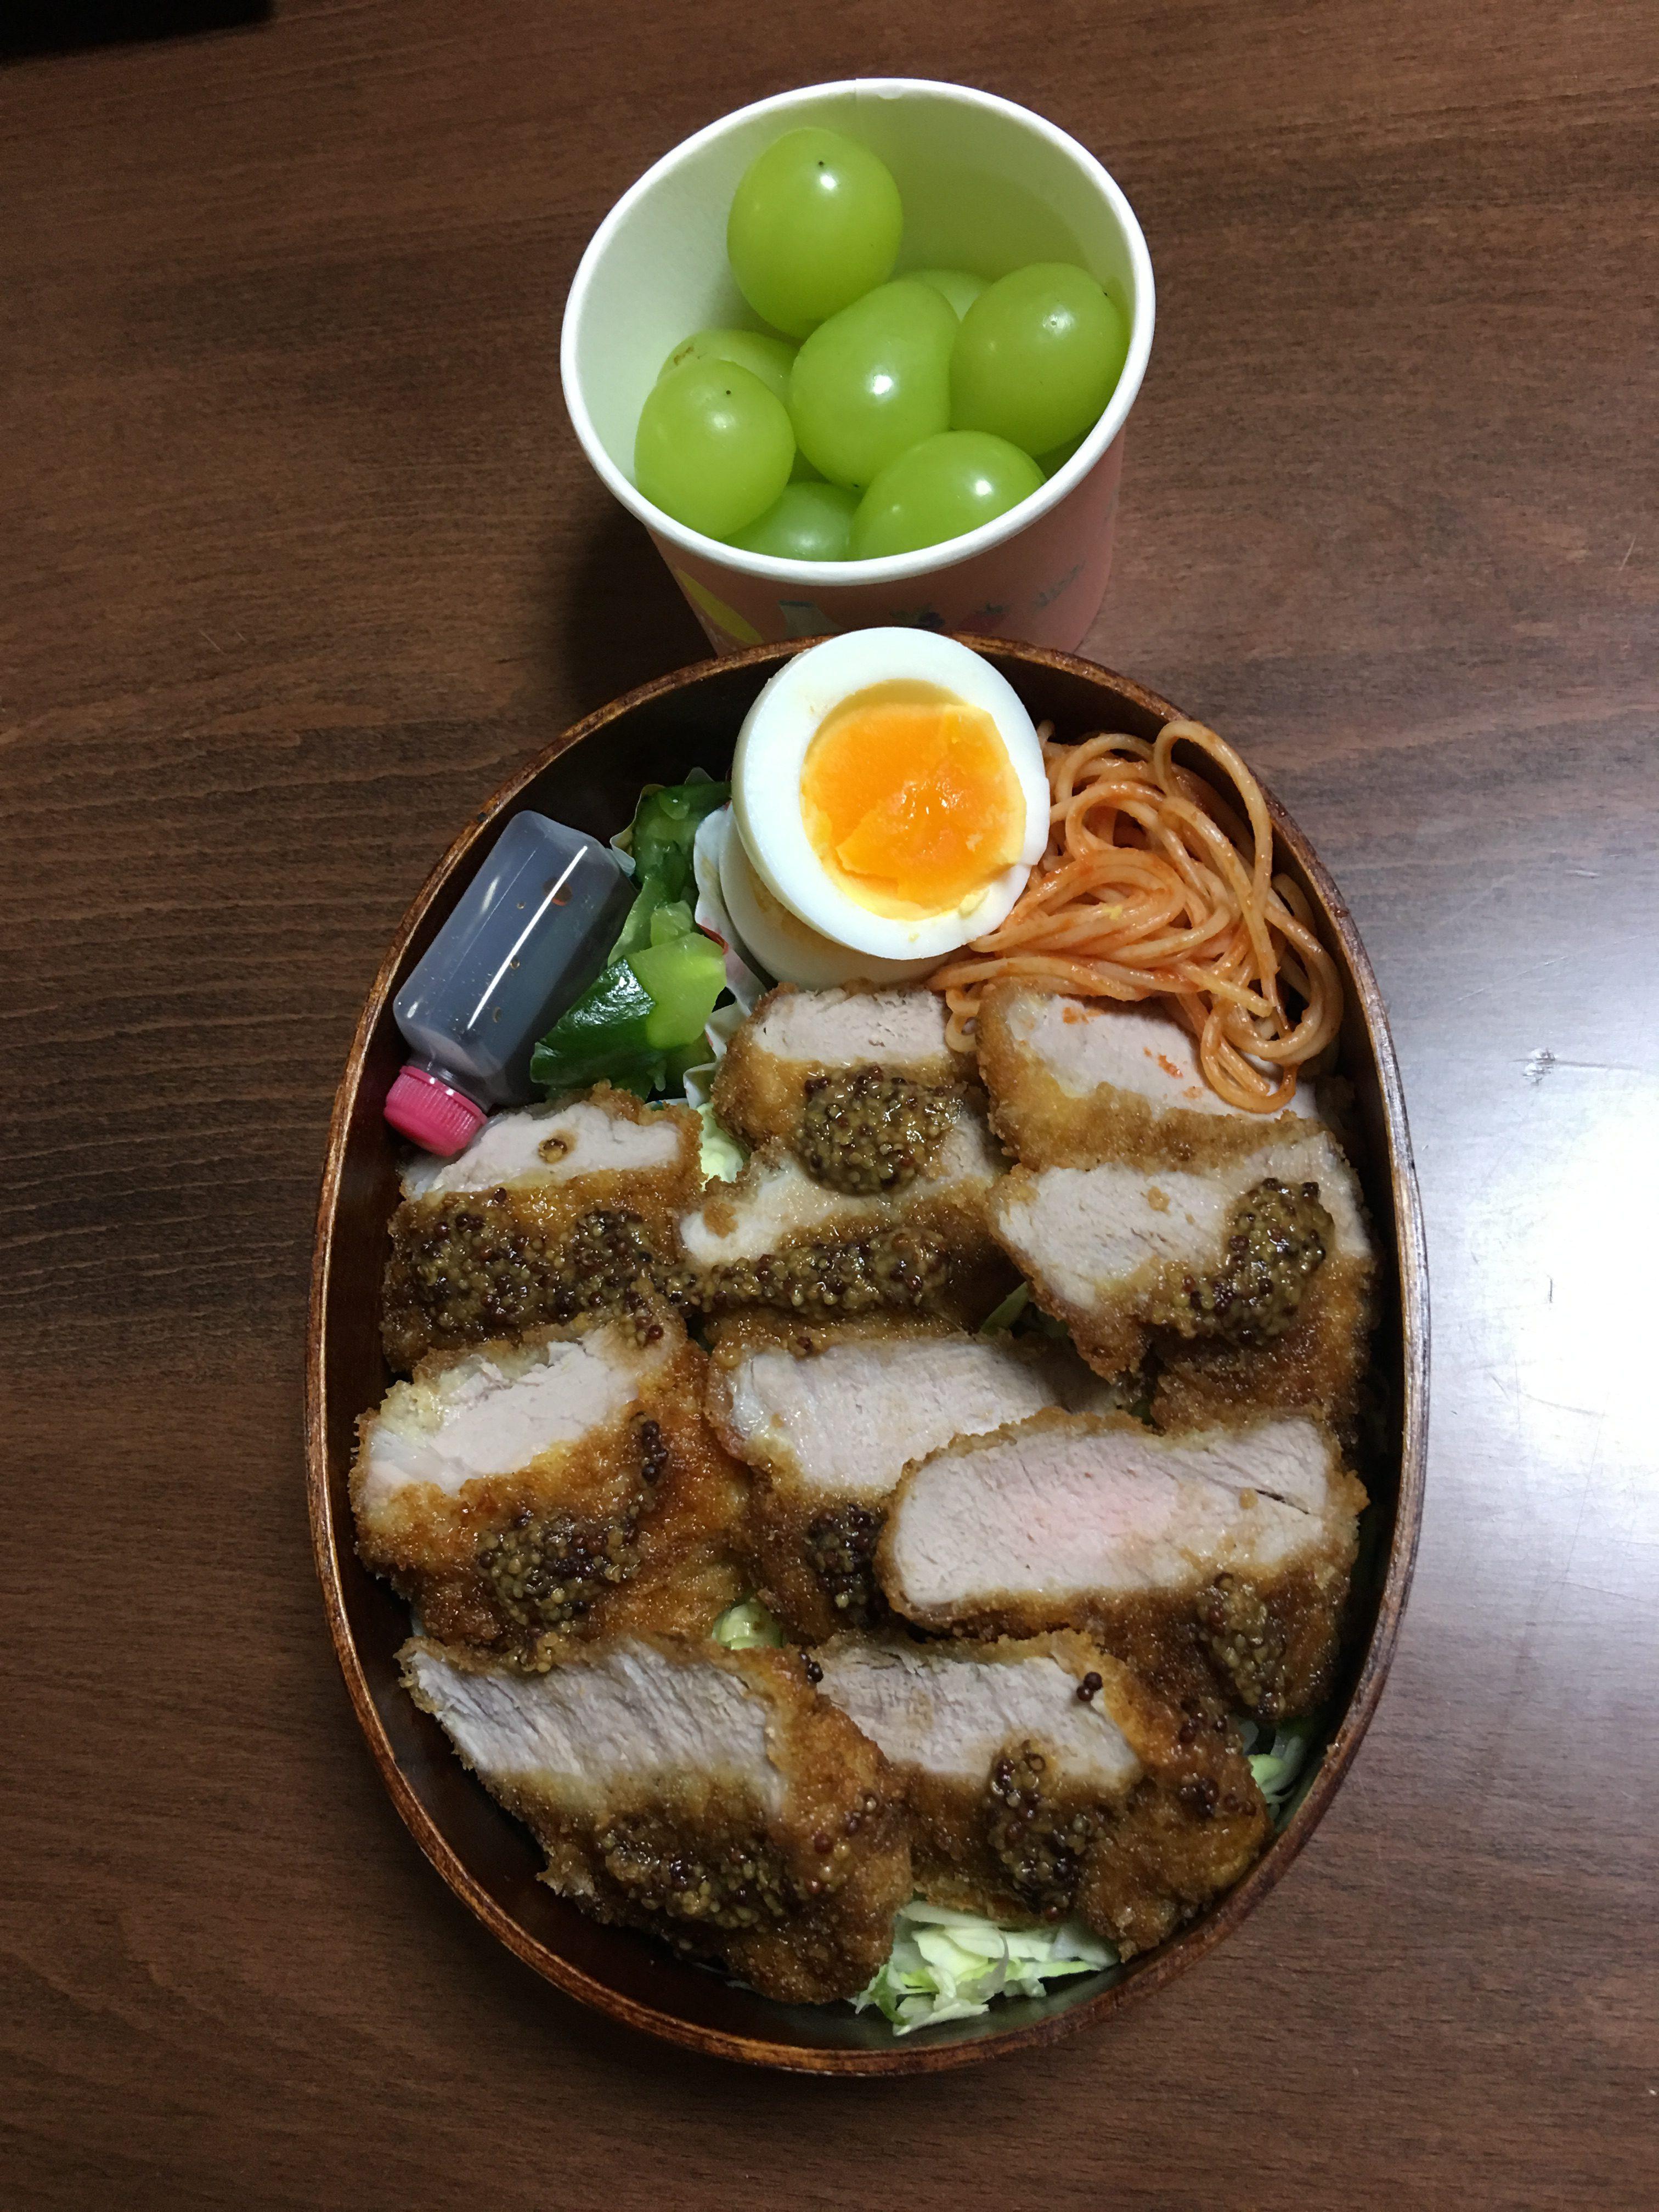 ソースカツ丼/スタンゲッツ・ジョアンジルベルト